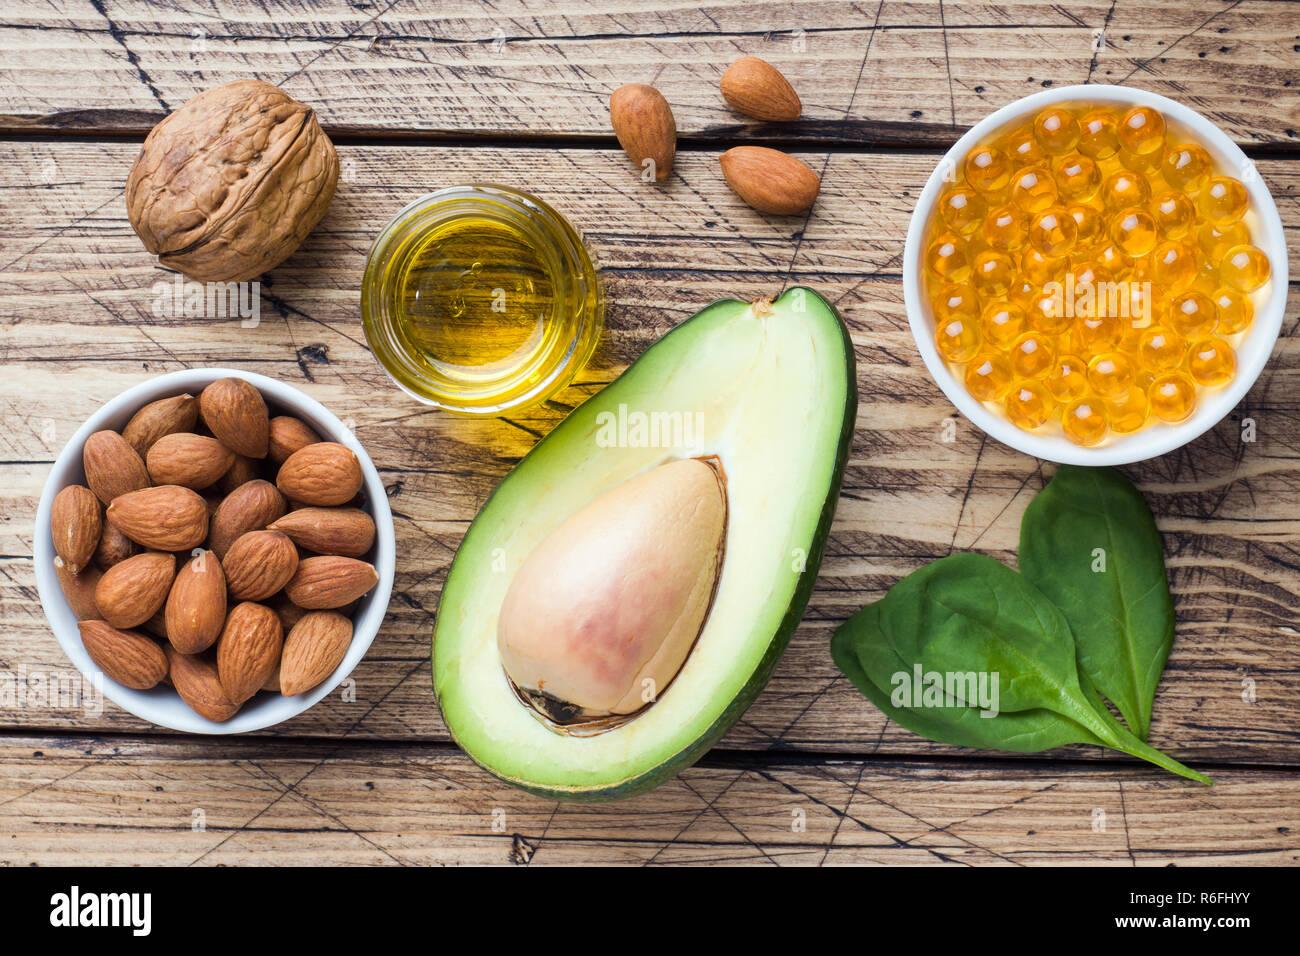 Concept des aliments sains produits antioxydants l'avocat, les noix et l'huile de poisson, pamplemousse sur fond de bois Photo Stock